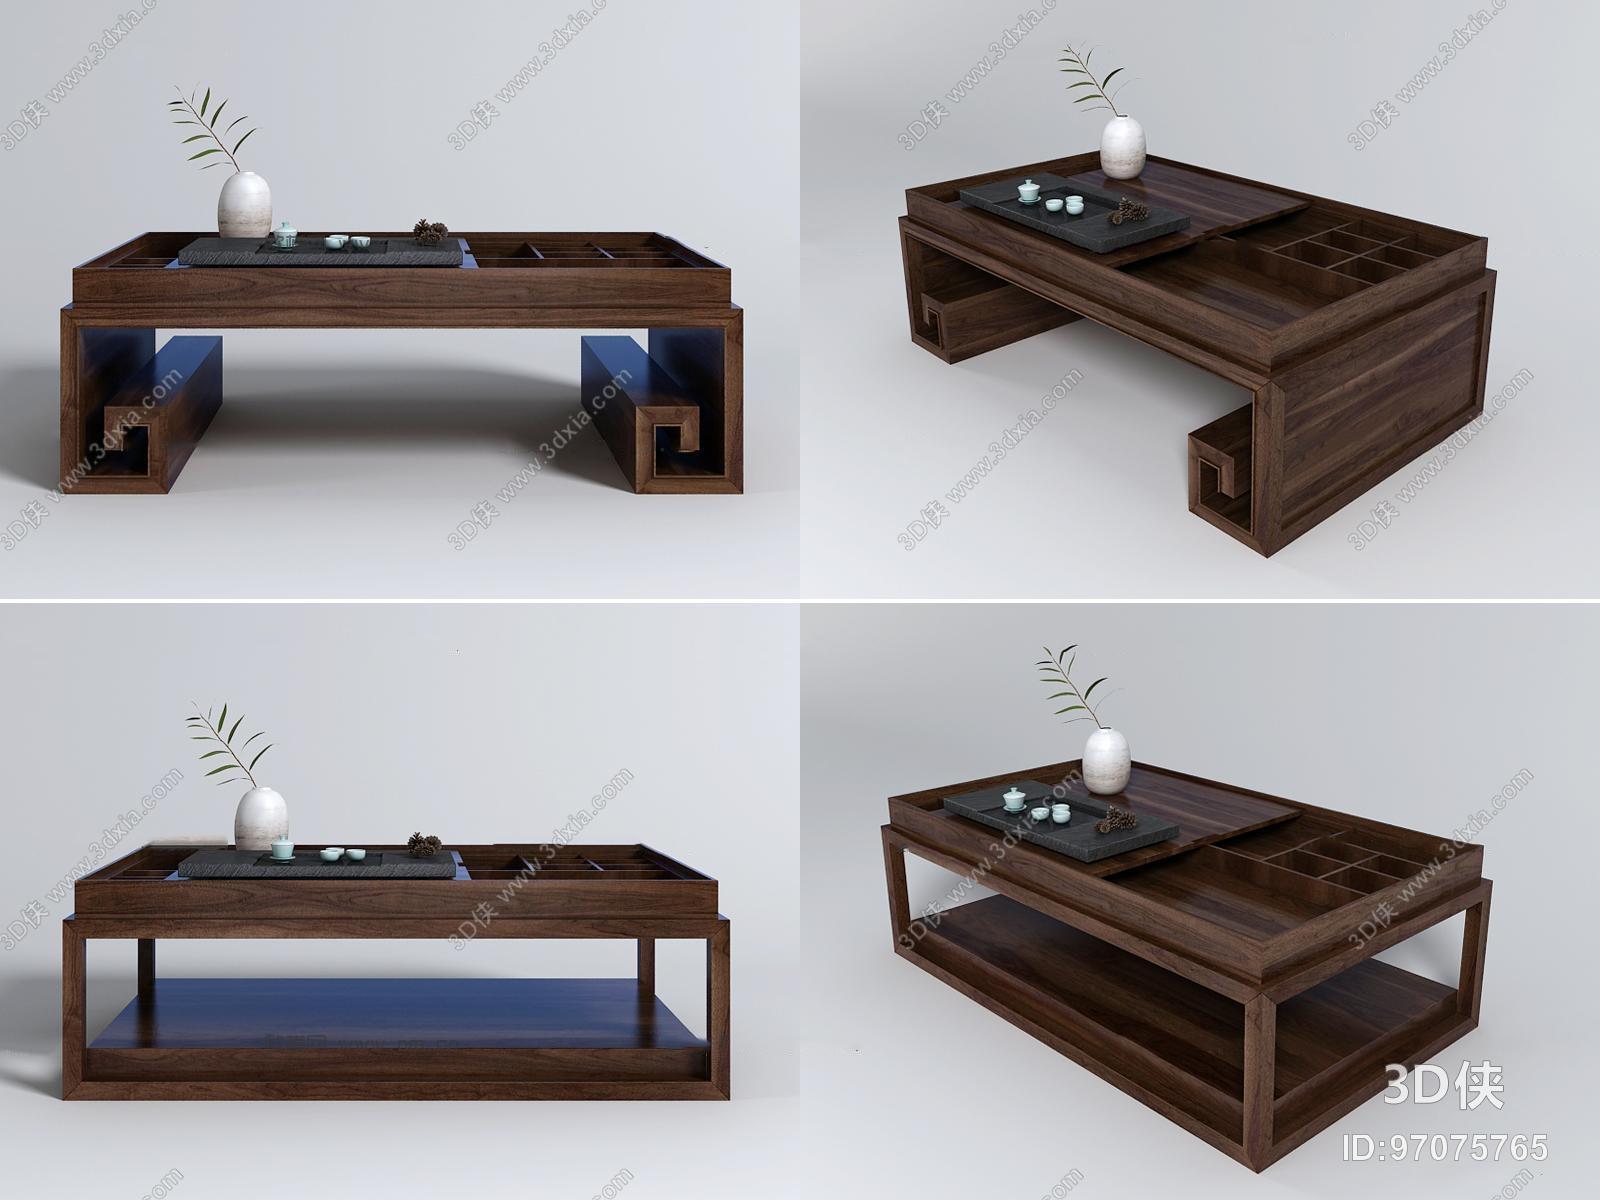 新中式实木茶几茶台组合3D模型